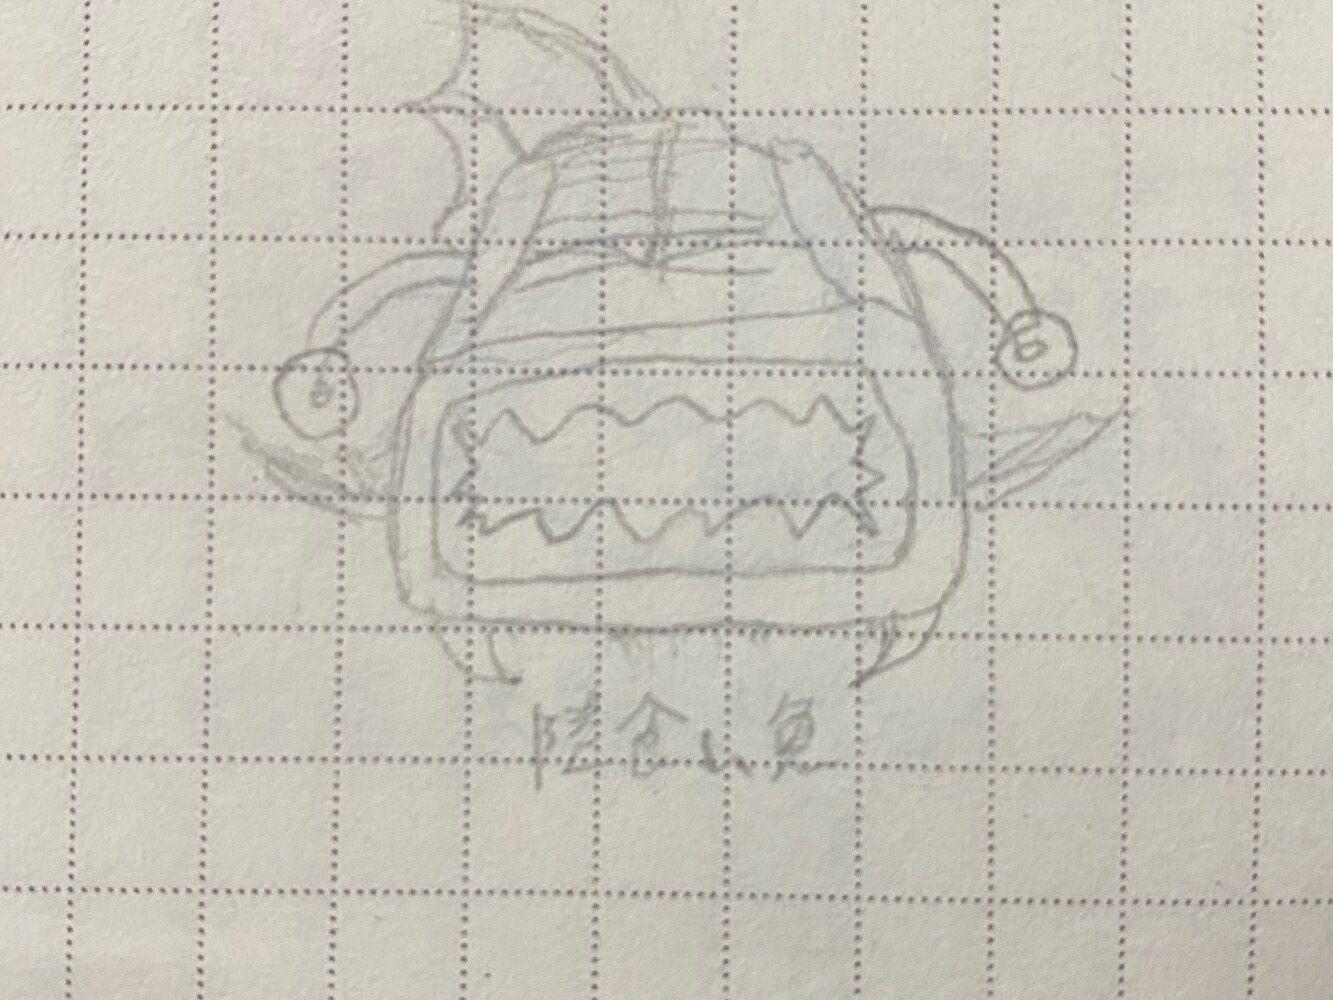 設計絵:オリモン24陸食い魚